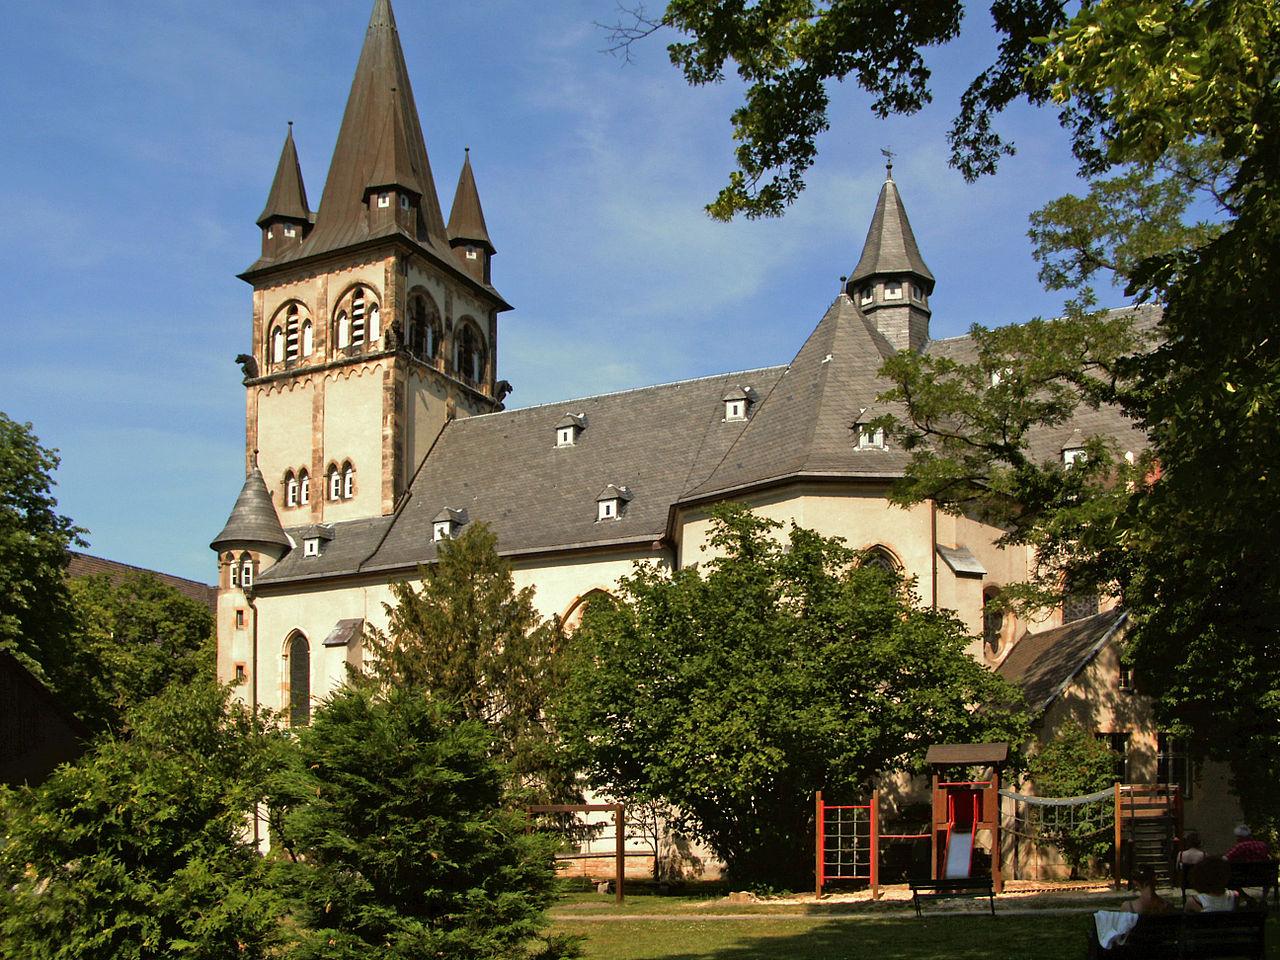 Тале, Германия: интересные достопримечательности, активный отдых